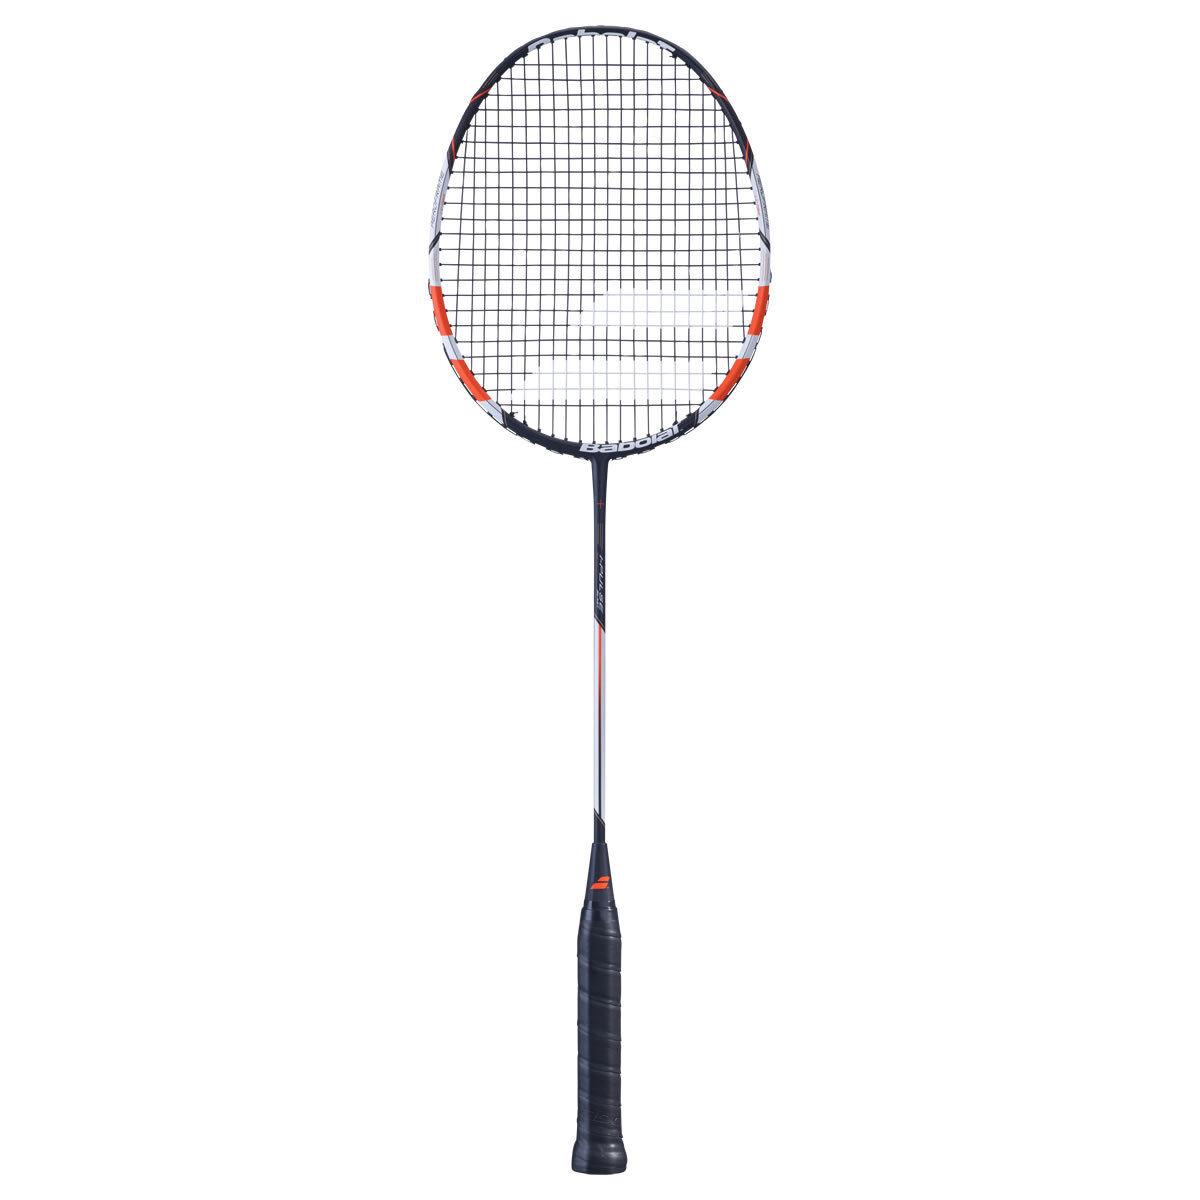 BABOLAT BABOLAT BABOLAT I-Pulse Blast Badmintonschläger mit Besaitung Hülle Version 2019 -NEU- d8ba0e